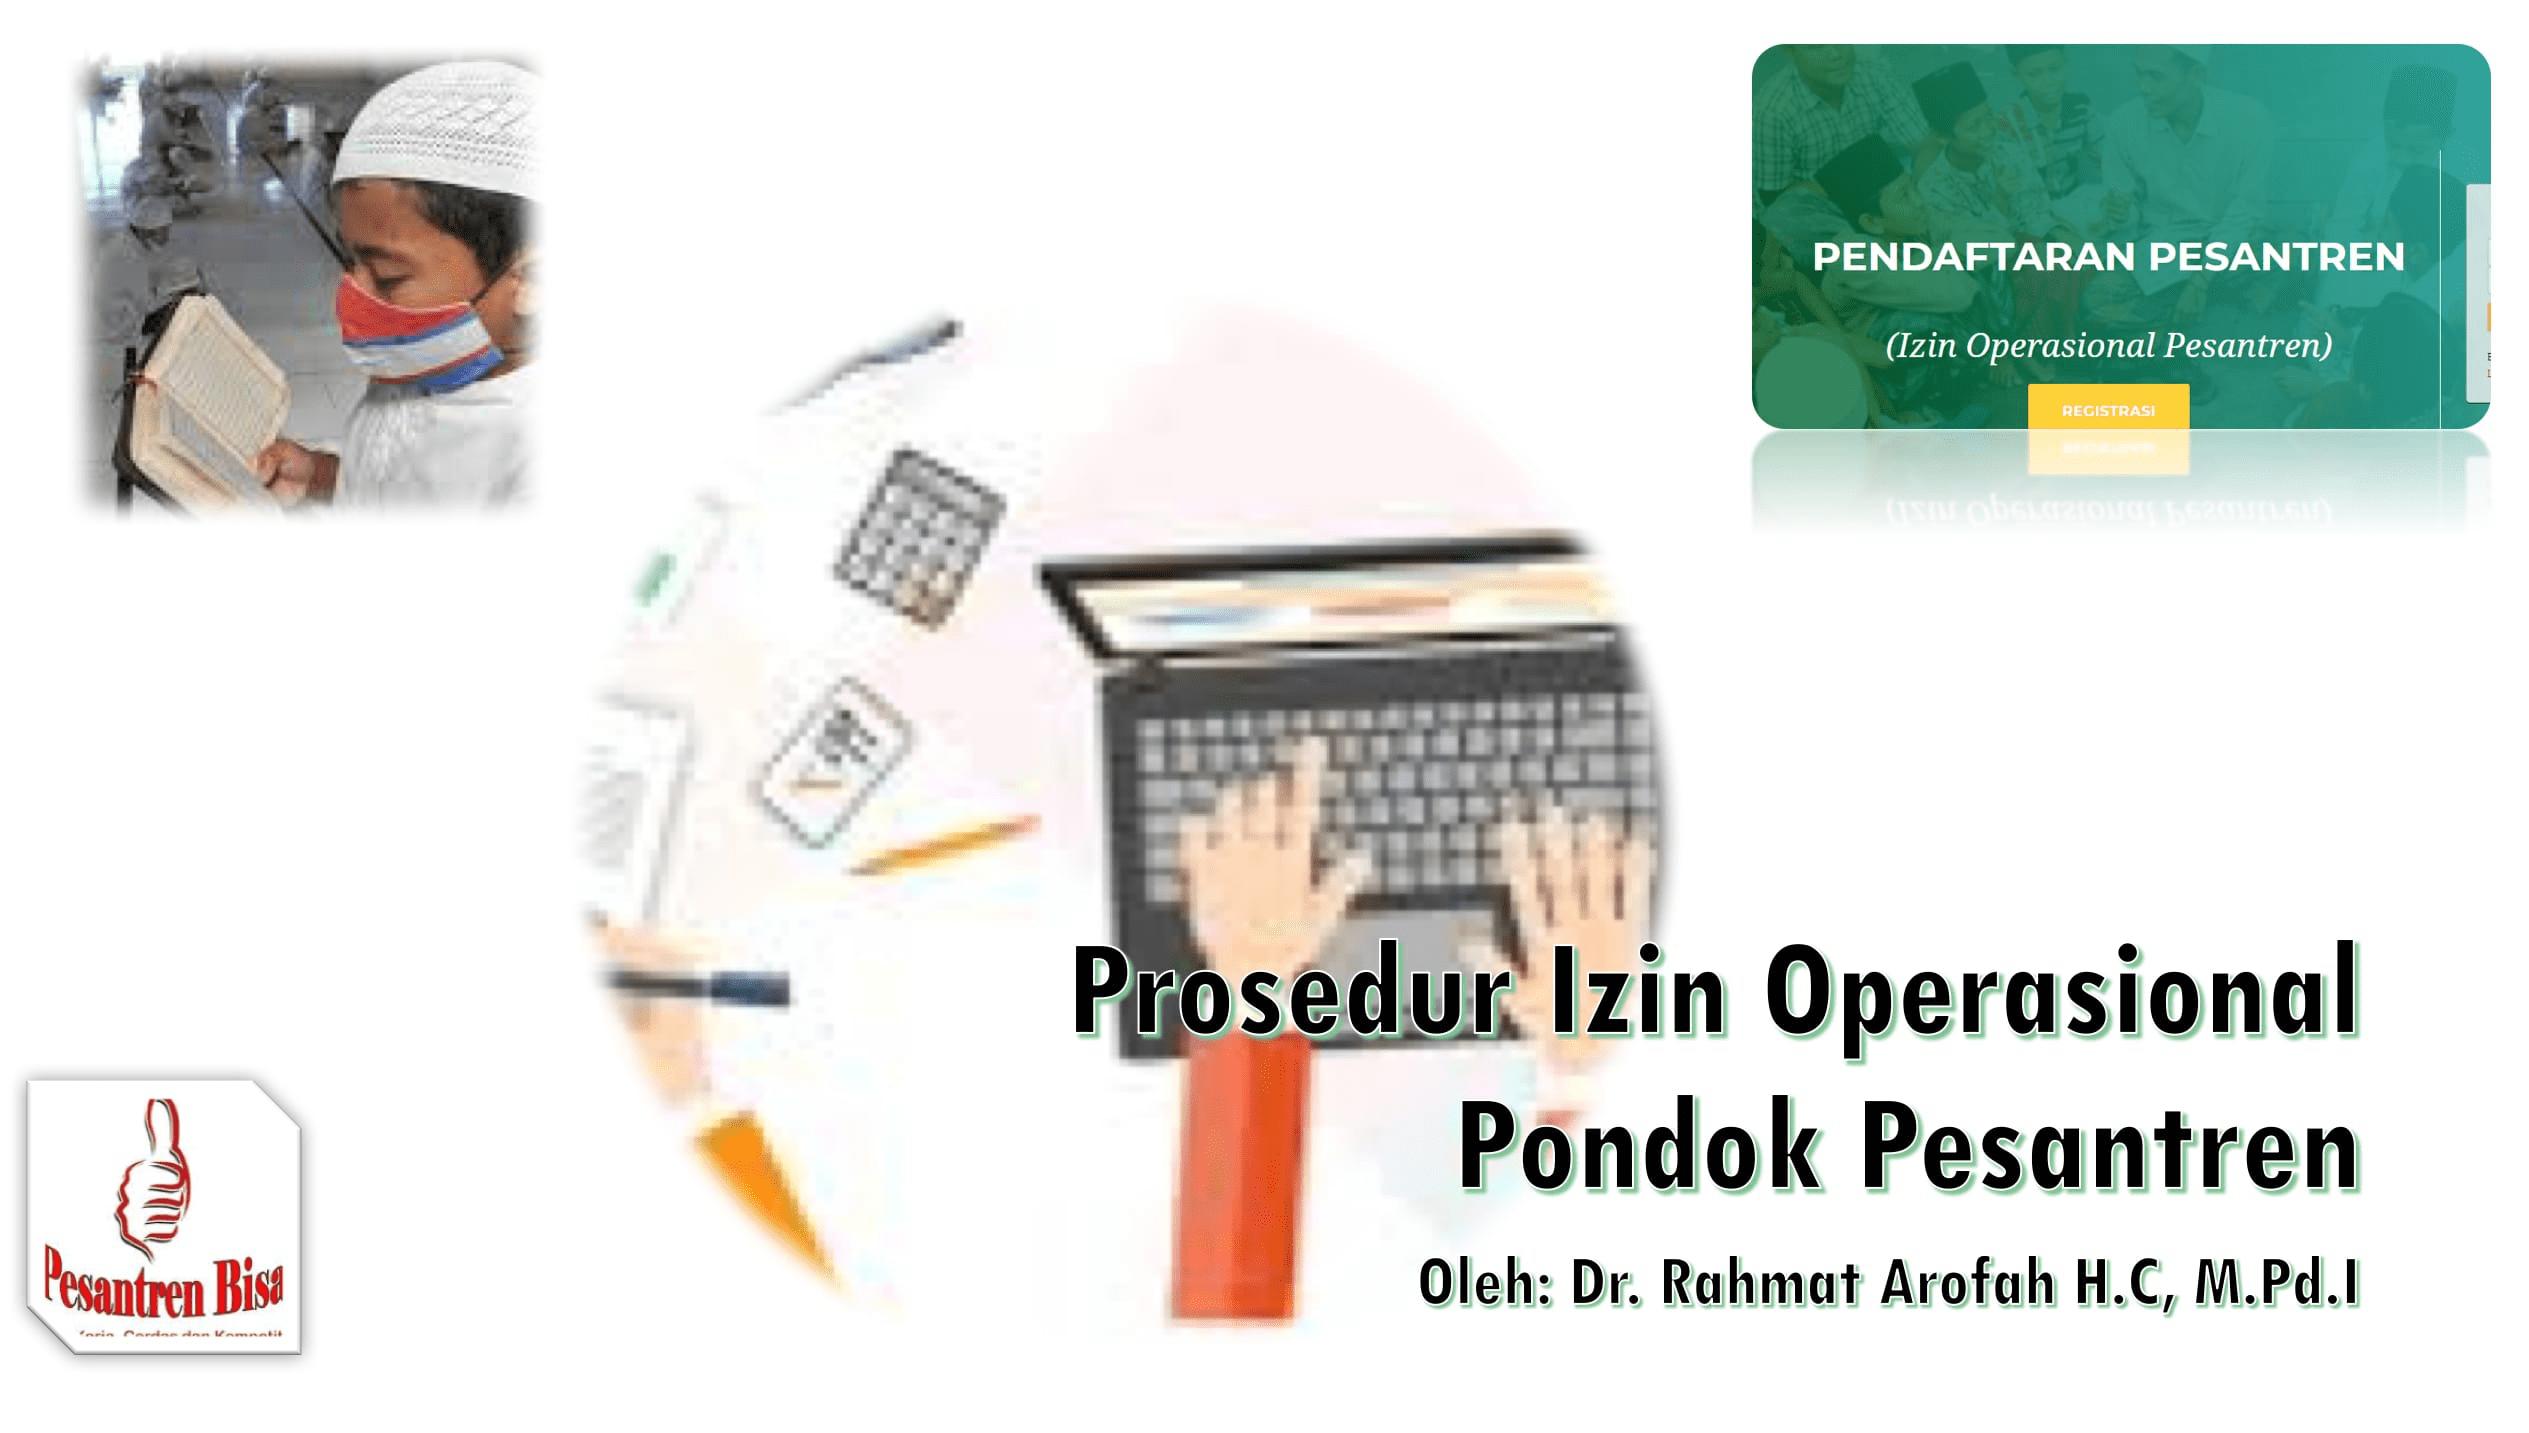 Prosedur Izin Operasional Pondok Pesantren  Oleh : Dr. Rahmat Arofah, HC.,M.Pd.I.  Download